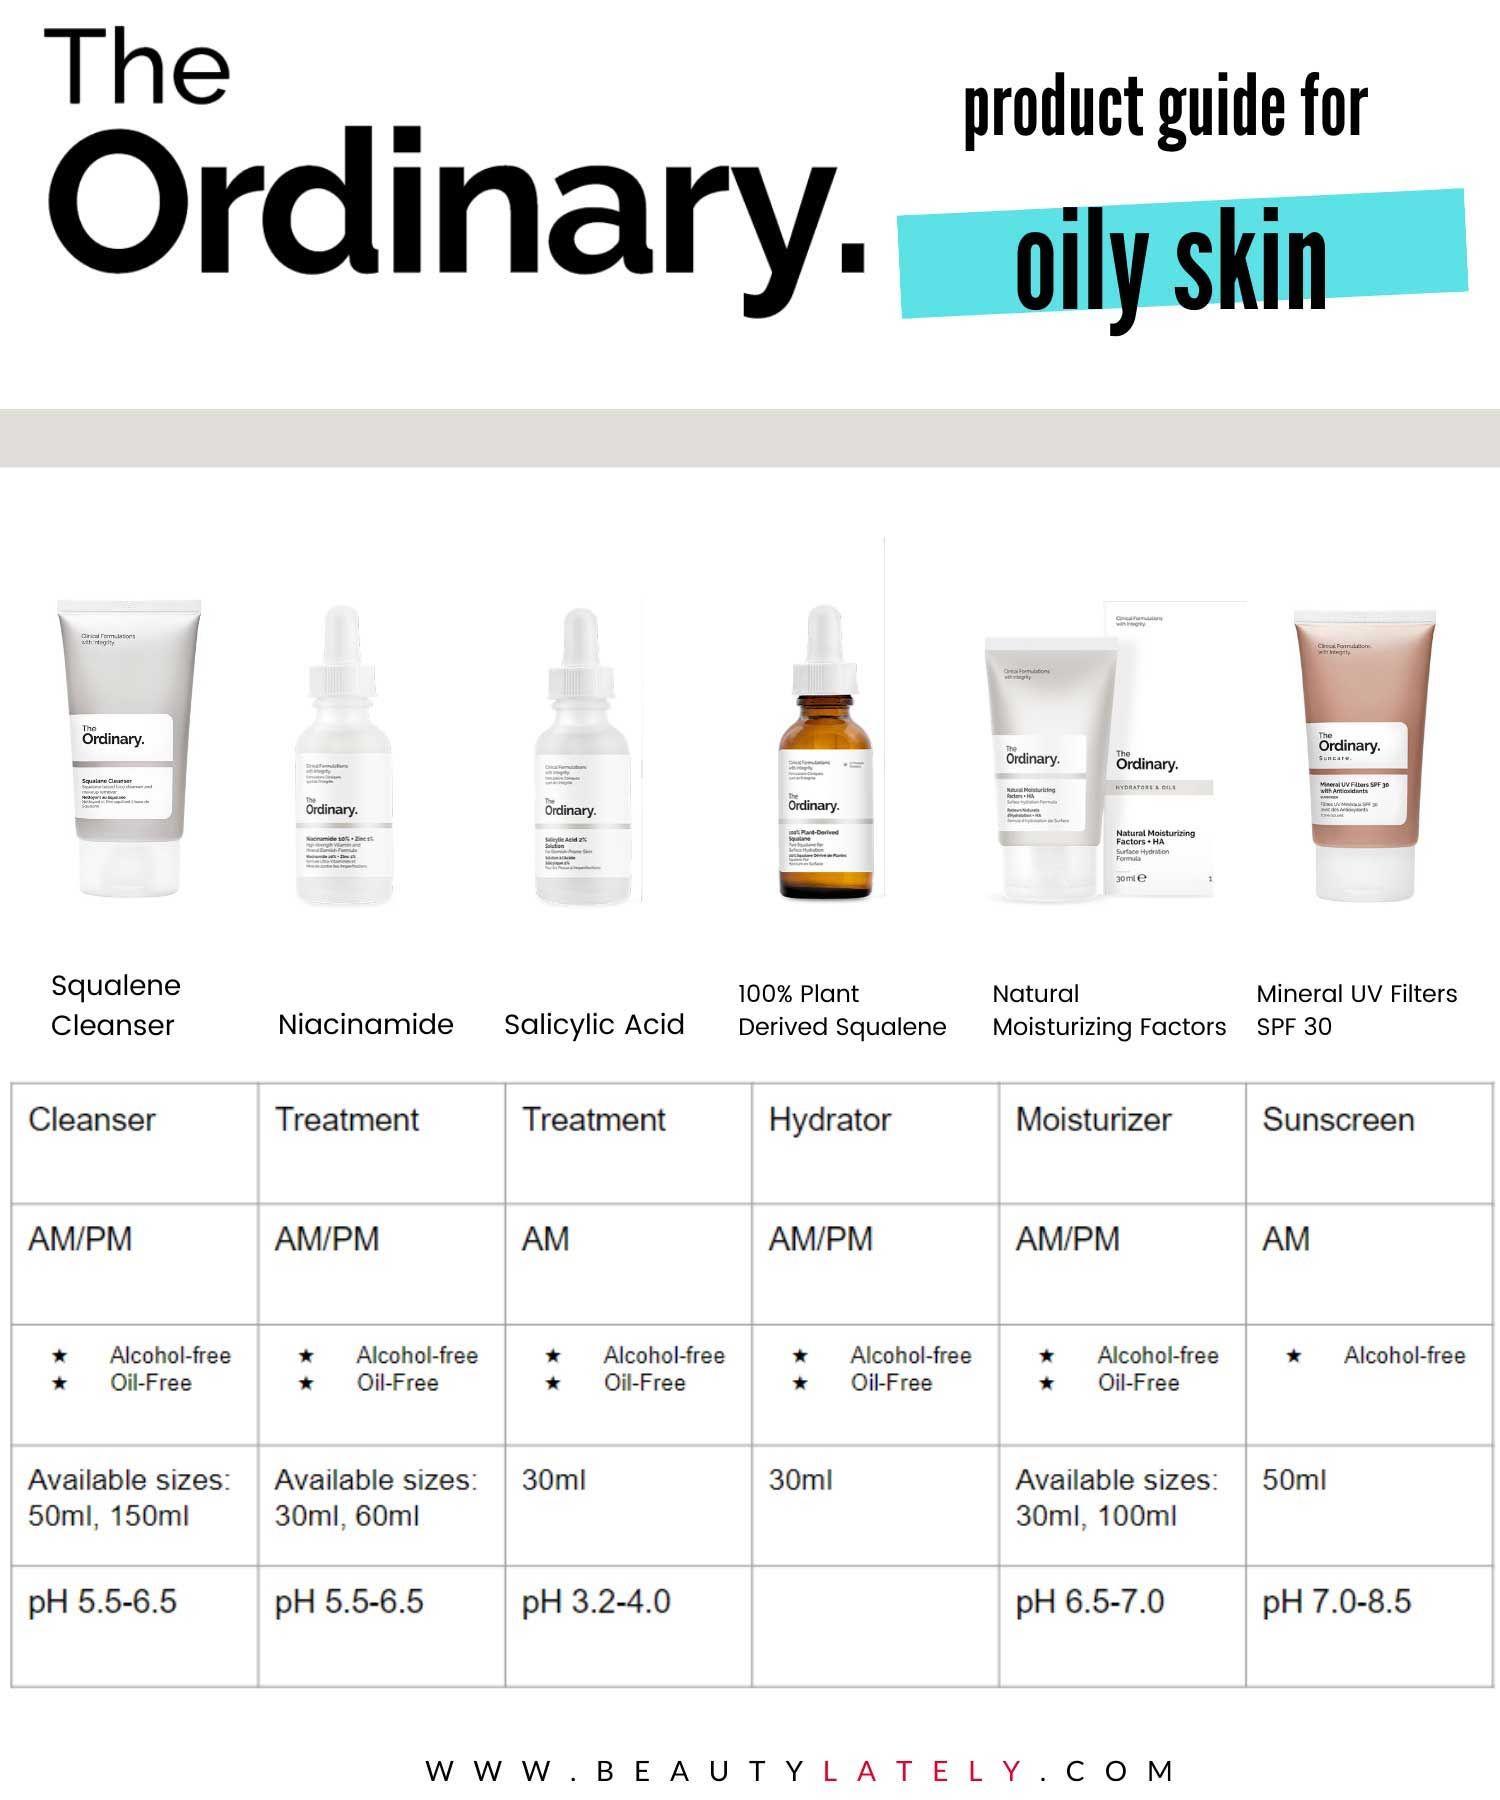 The Ordinary Skincare Guide To Oily Acne Prone Skin Skin Acne Treatment Oily Skin Care Oily Skin Care Routine